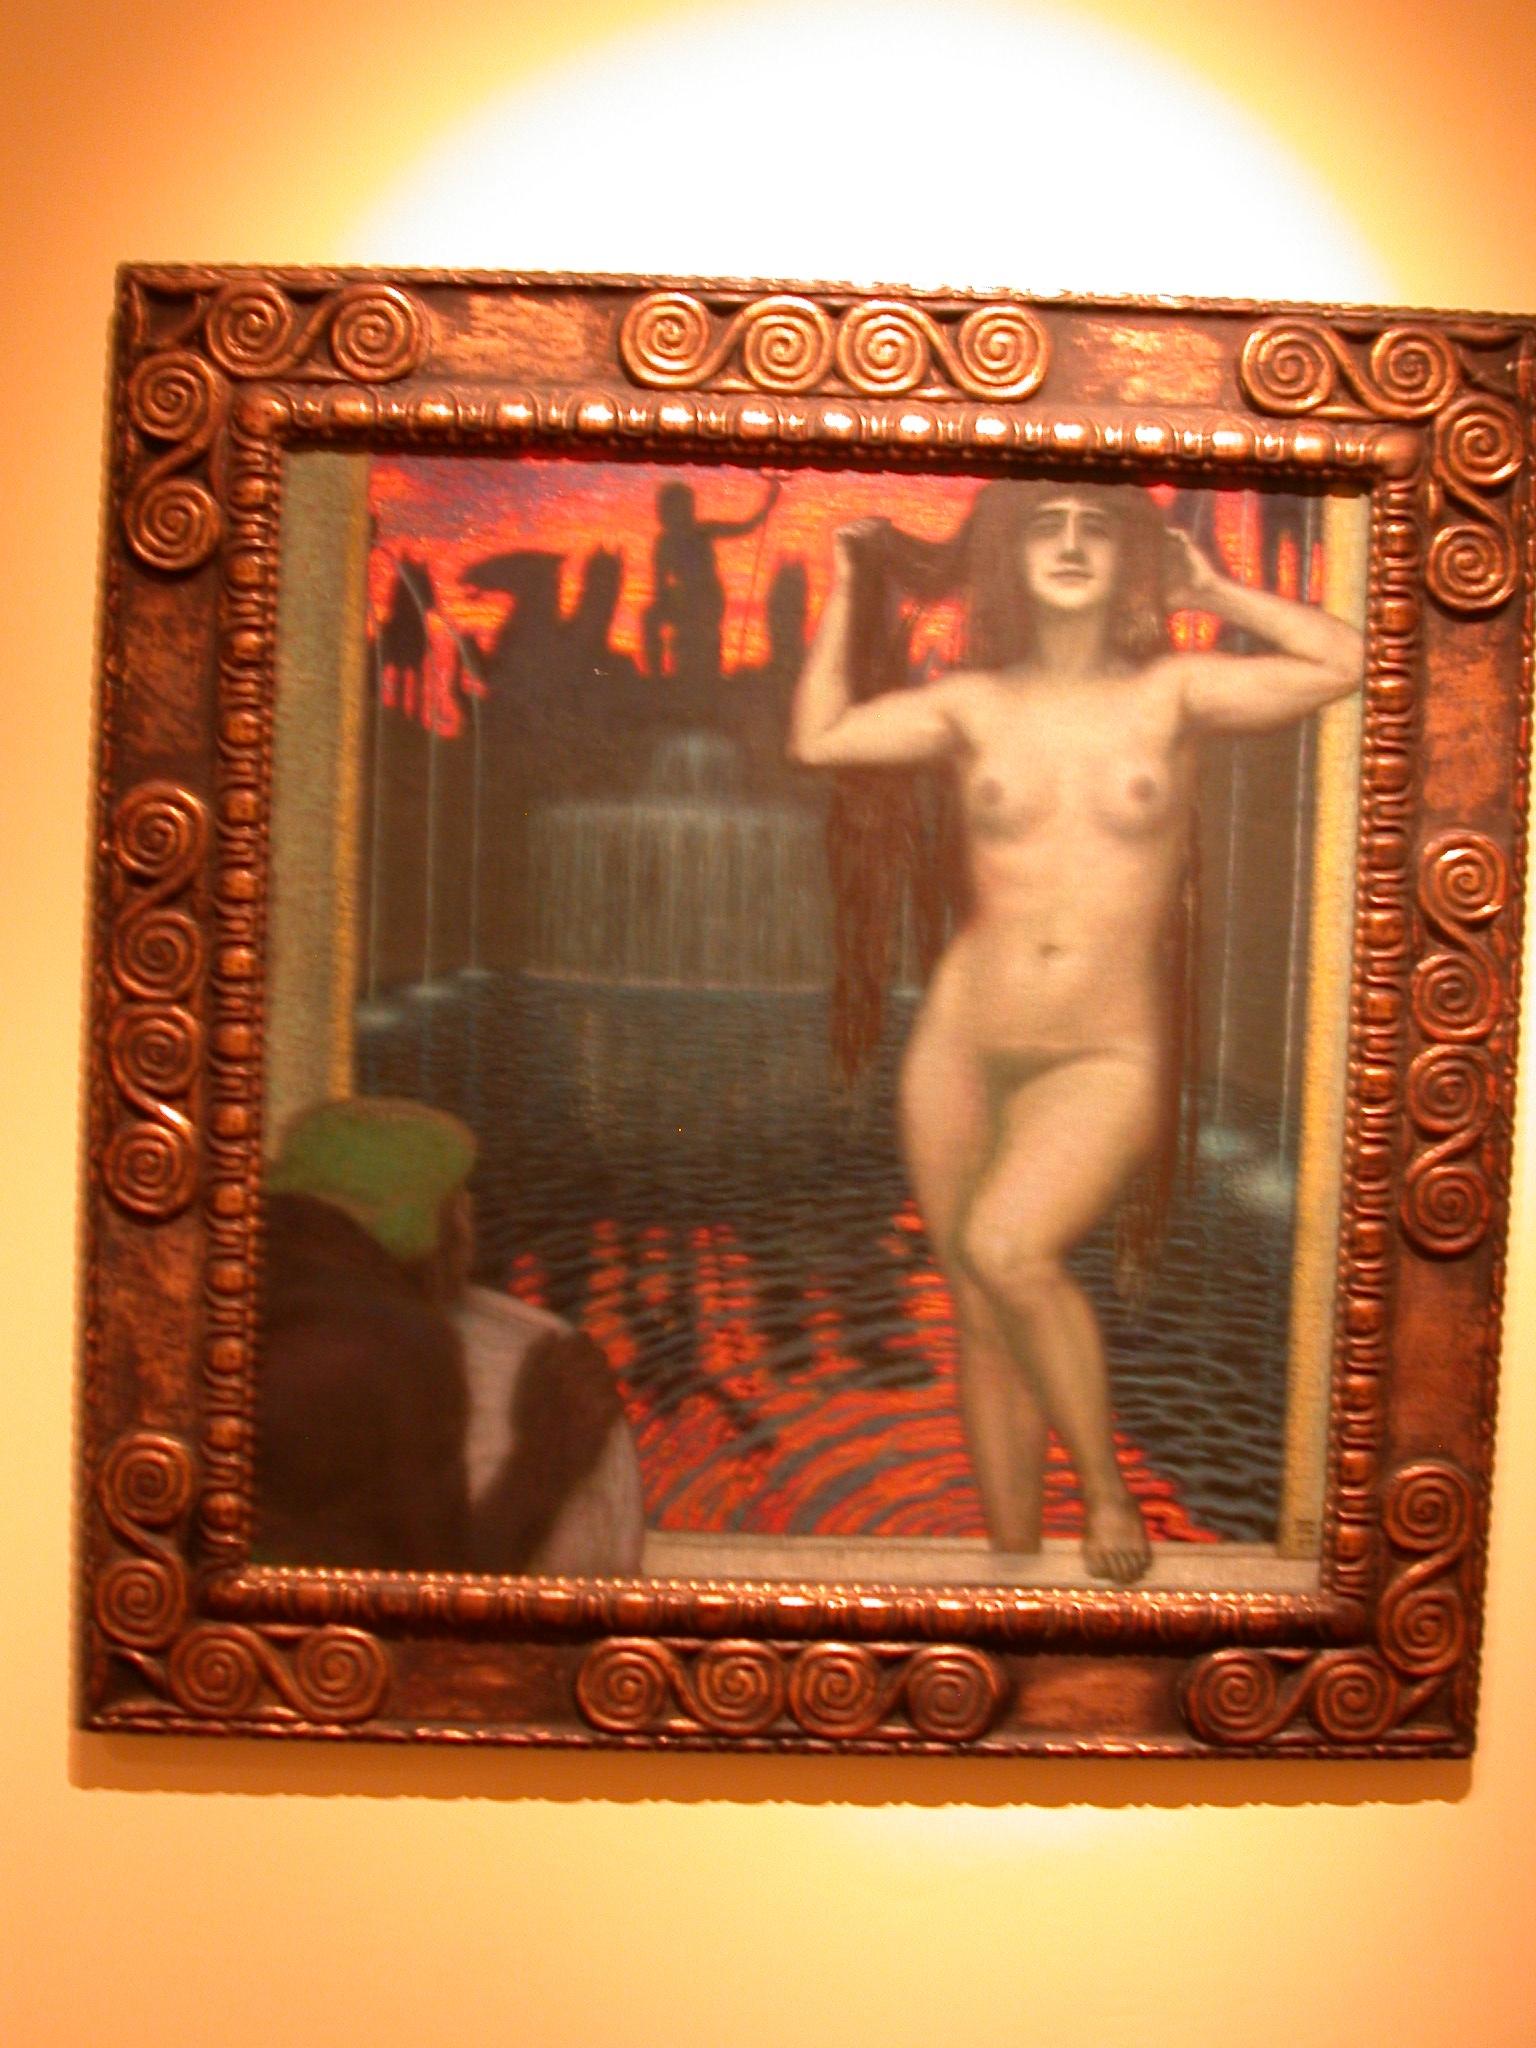 Batsheba, Franz von Stuck, Museo de las Bellas Artes, Buenos Aires, Argentina